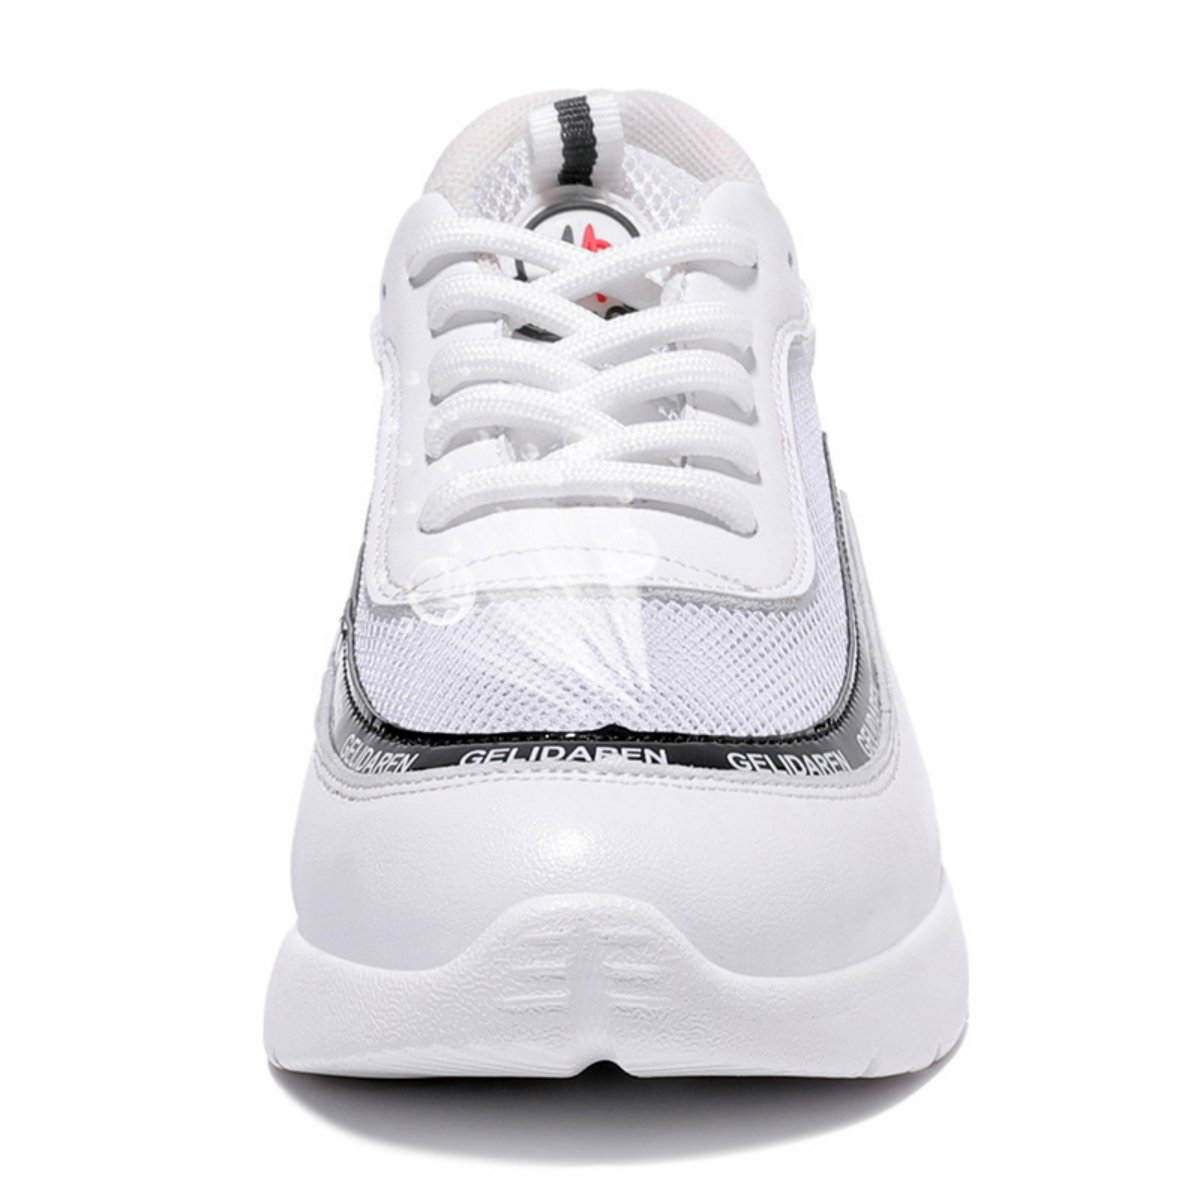 Lusam Laufschuhe für Damen leicht mit Kissen Kissen Kissen mit große Damen-Schuhe für Damen Mädchen 6bbdf1